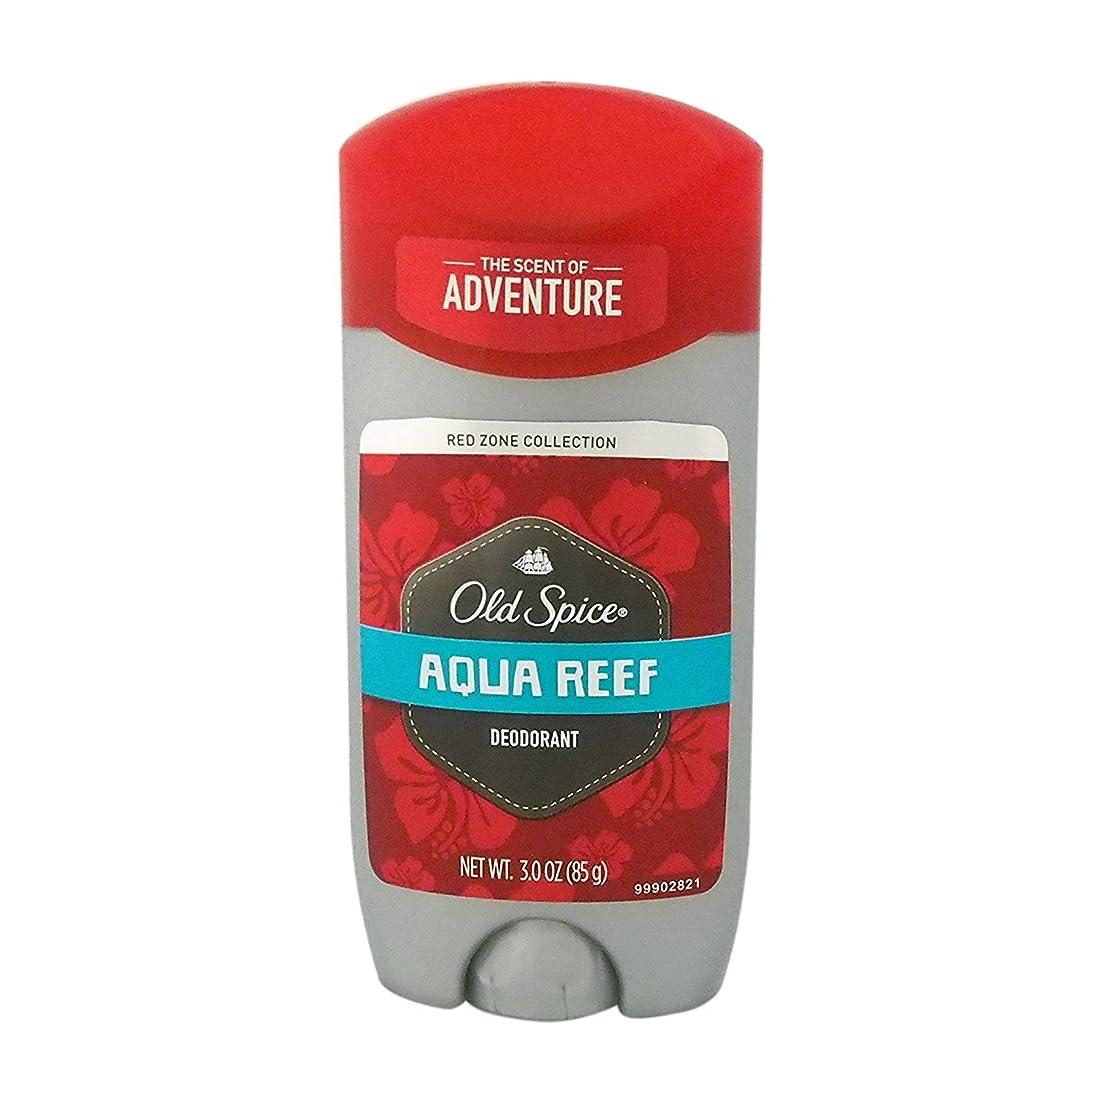 盟主無臭解放するオールドスパイス(Old Spice) RED ZONE COLLECTION アクアリーフ デオドラント 85g[並行輸入品]